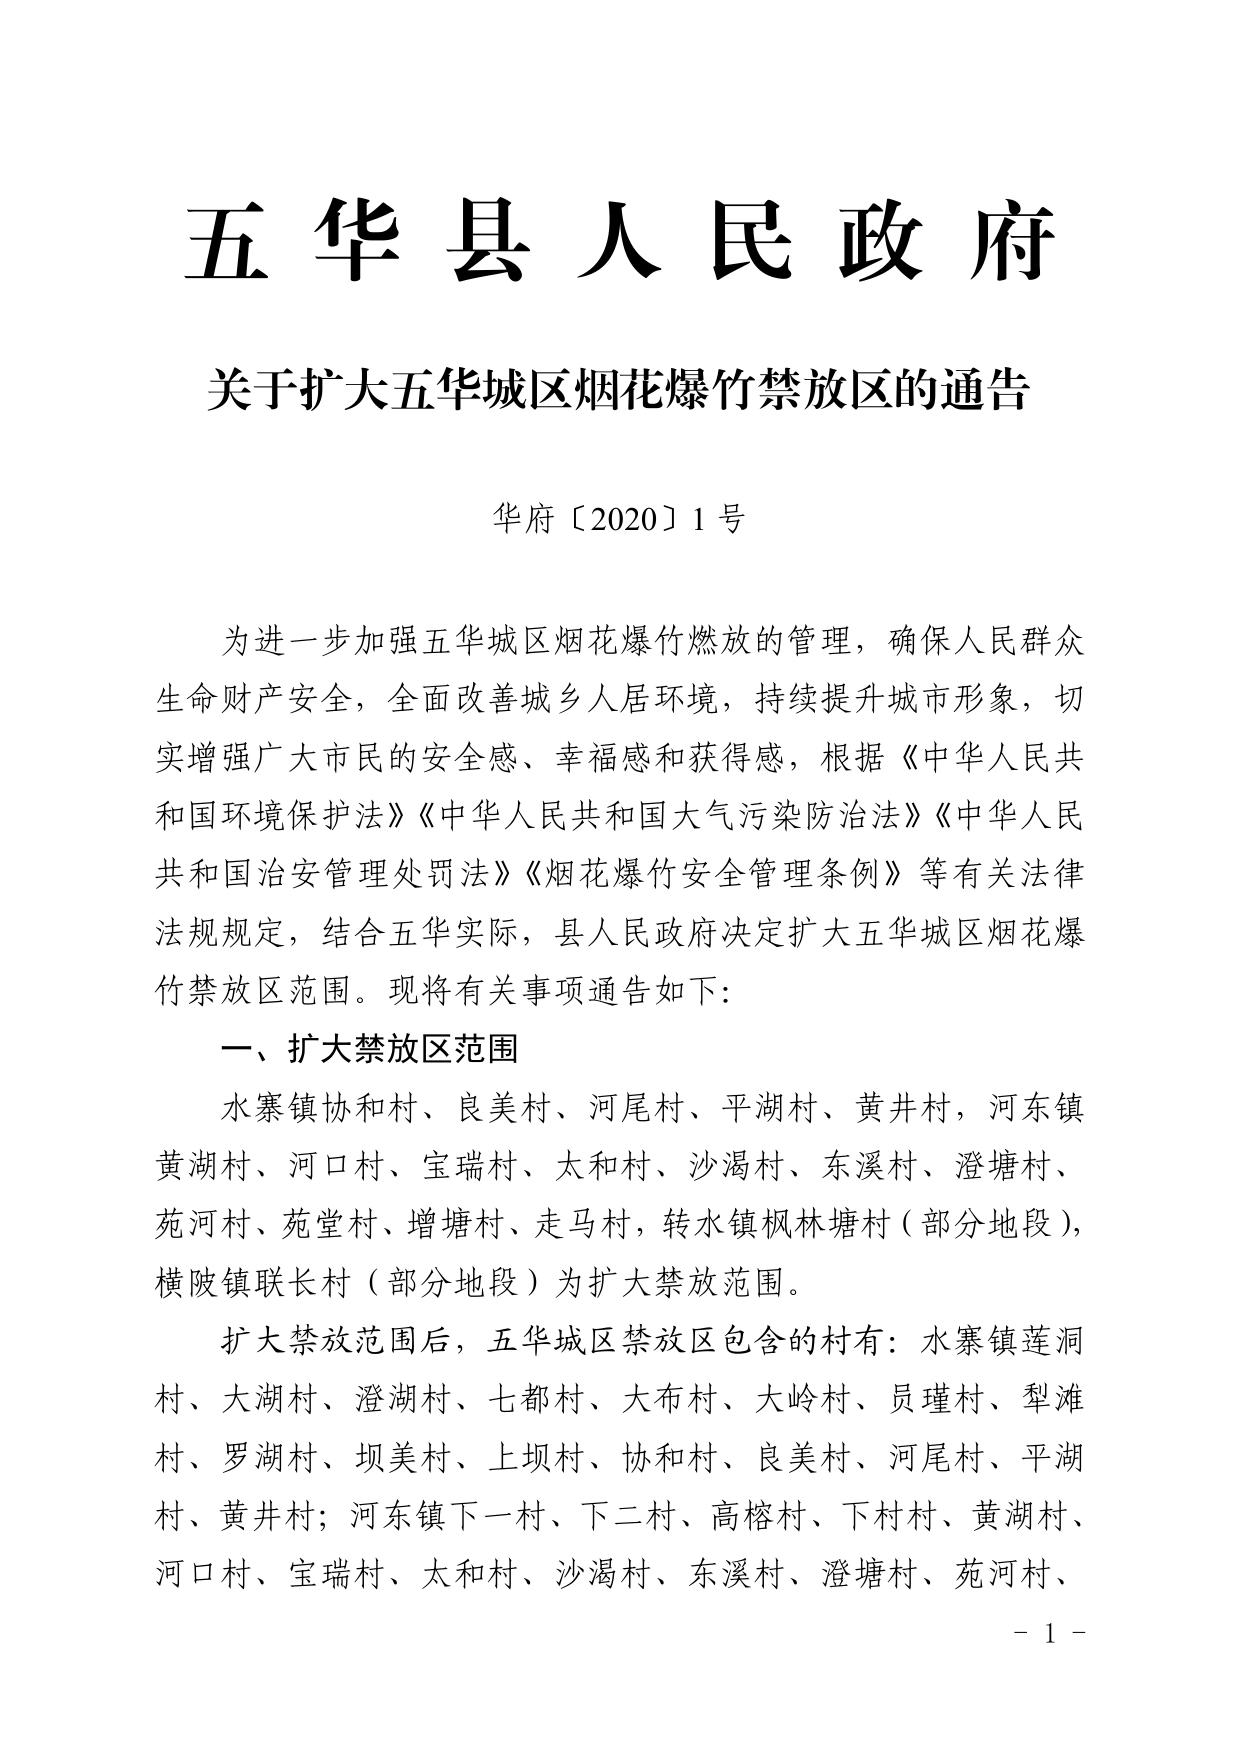 1号 五华县人民政府关于扩大五华城区烟花爆竹禁放区的通告0000.jpg